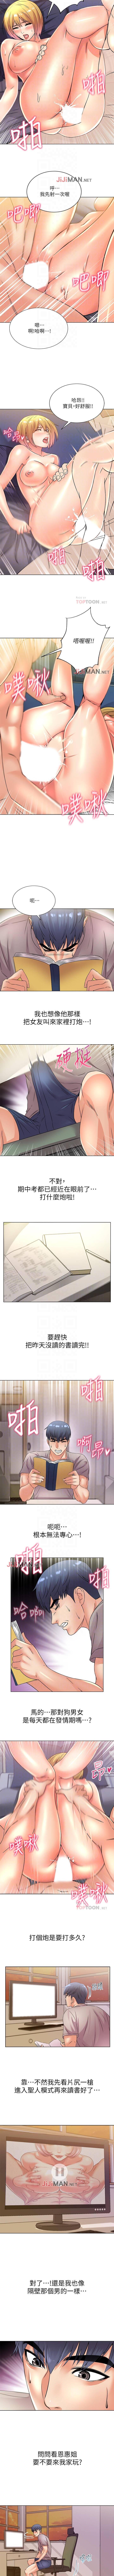 【周三连载】超市的漂亮姐姐(作者:北鼻&逃兵) 第1~40话 127